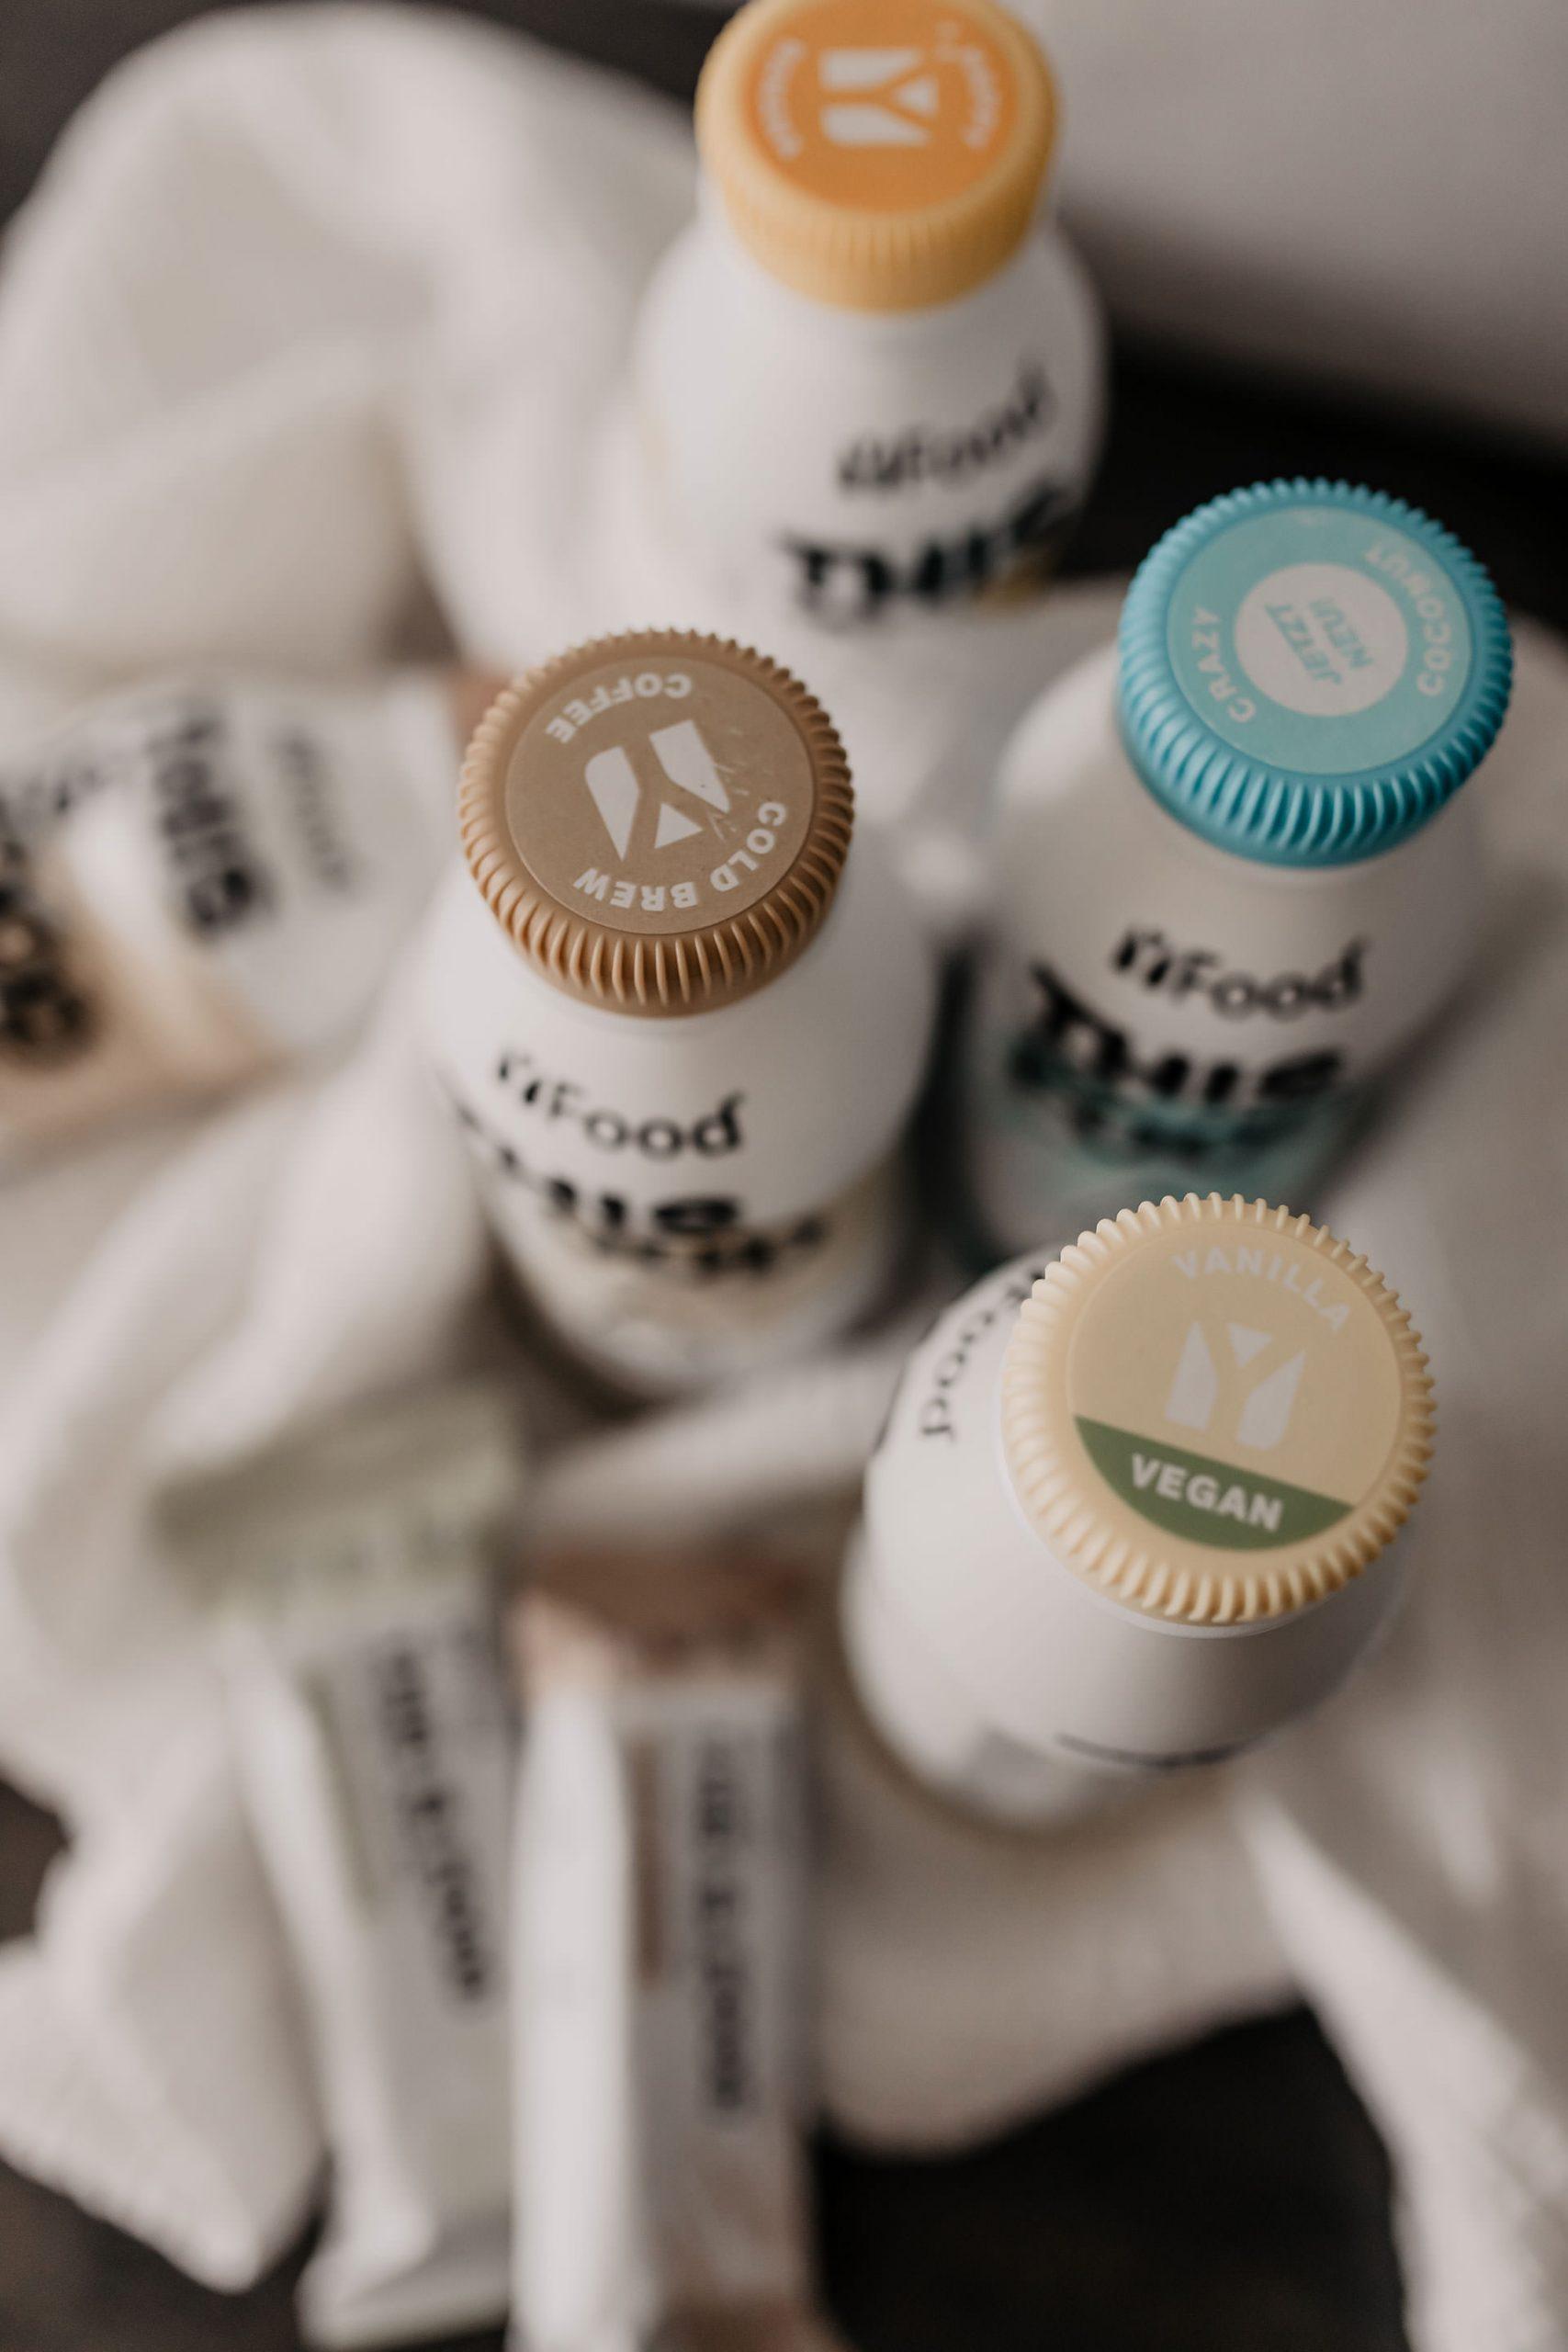 Anzeige. Gerade im Winter wird unser Immunsystem auf eine harte Probe gestellt. Daher gebe ich dir heute in Zusammenarbeit mit YFood10 Tipps, mit denen du fit und gesund durch den Winter kommst! www.whoismocca.com